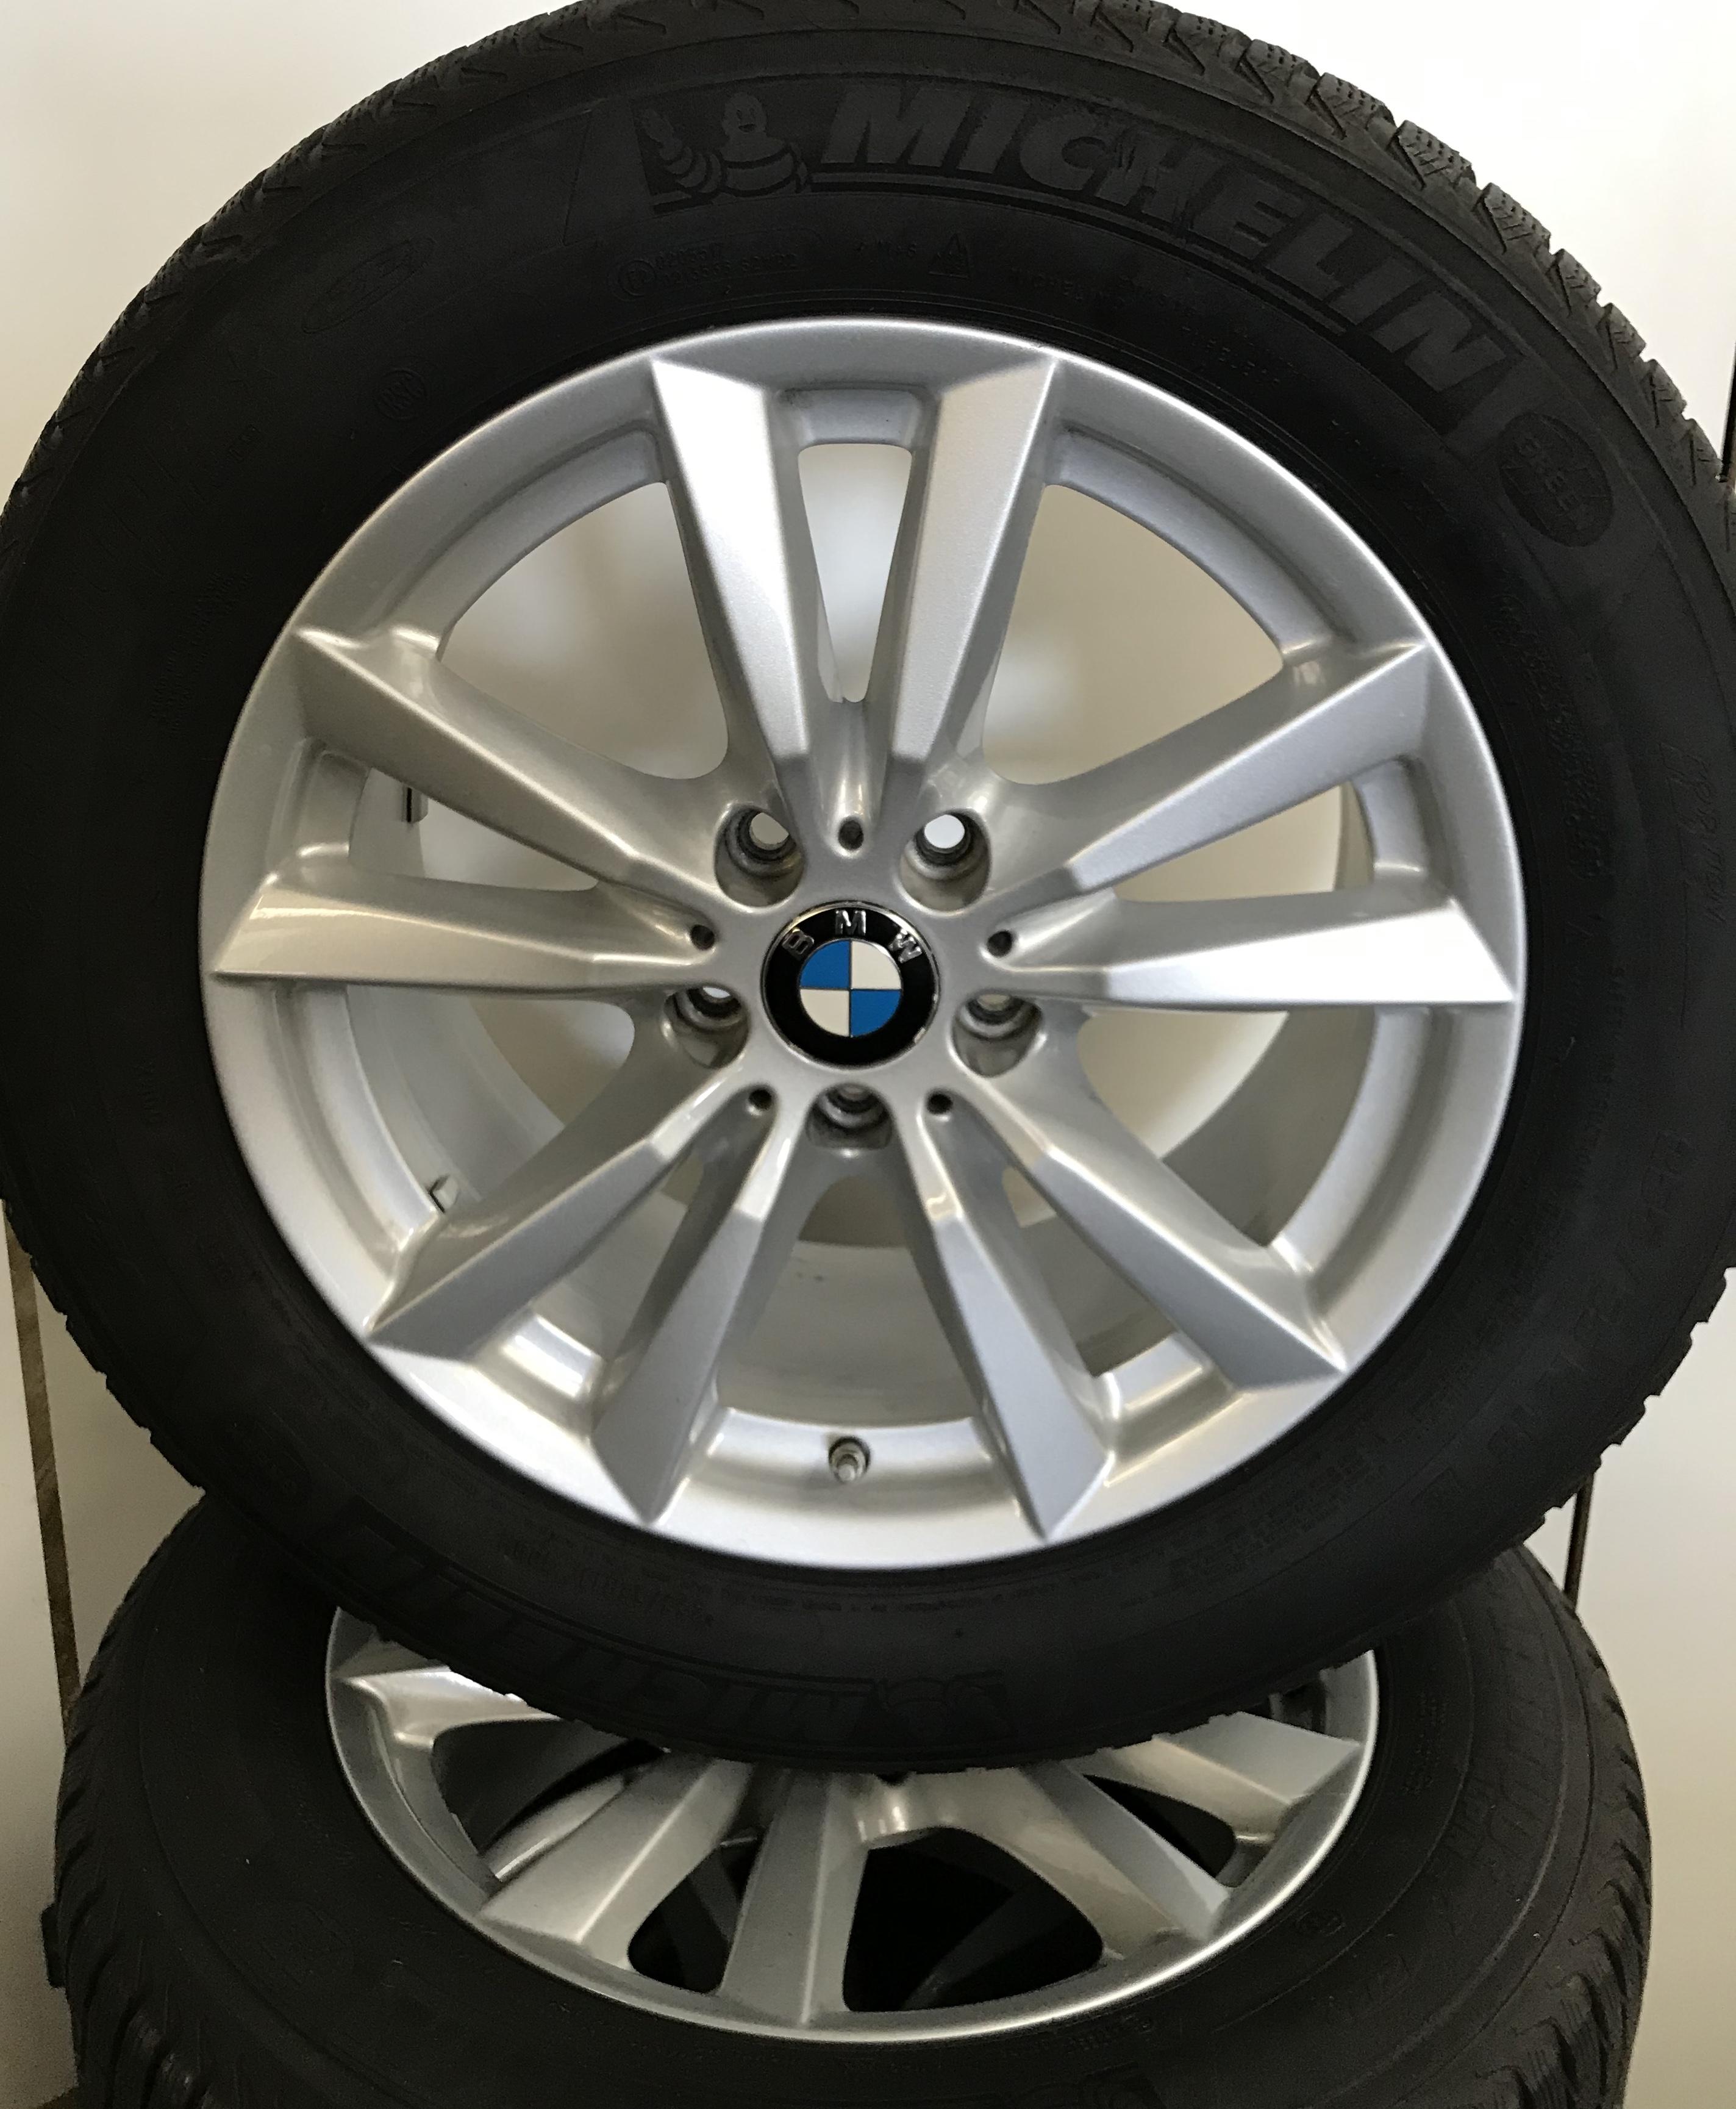 gebruikte set BMW X5 18 inch